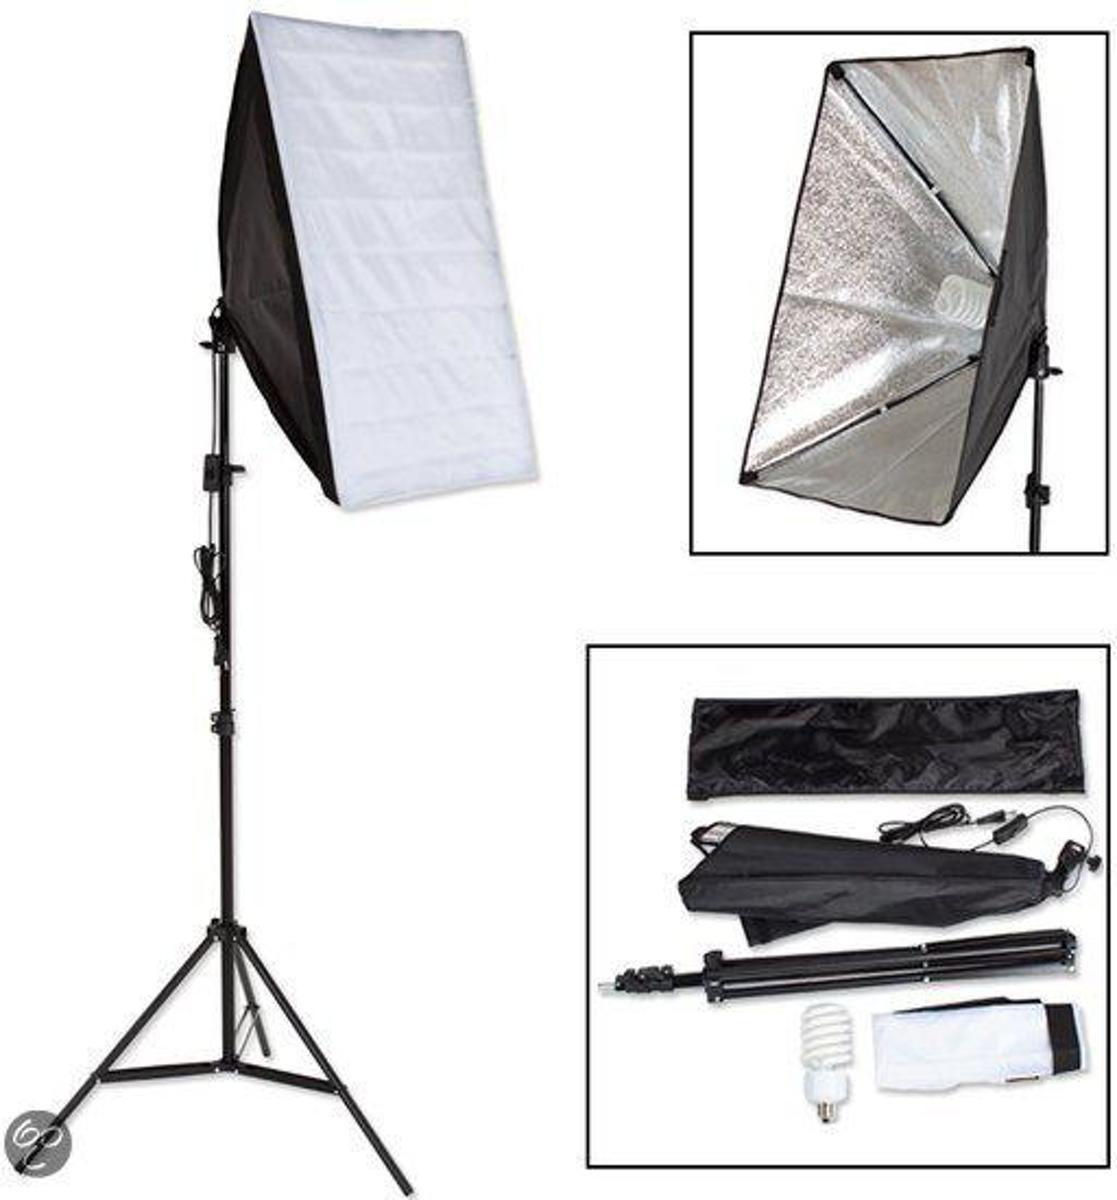 TecTake Studiolamp - 1 x fotolamp fotografie softbox  - 400752